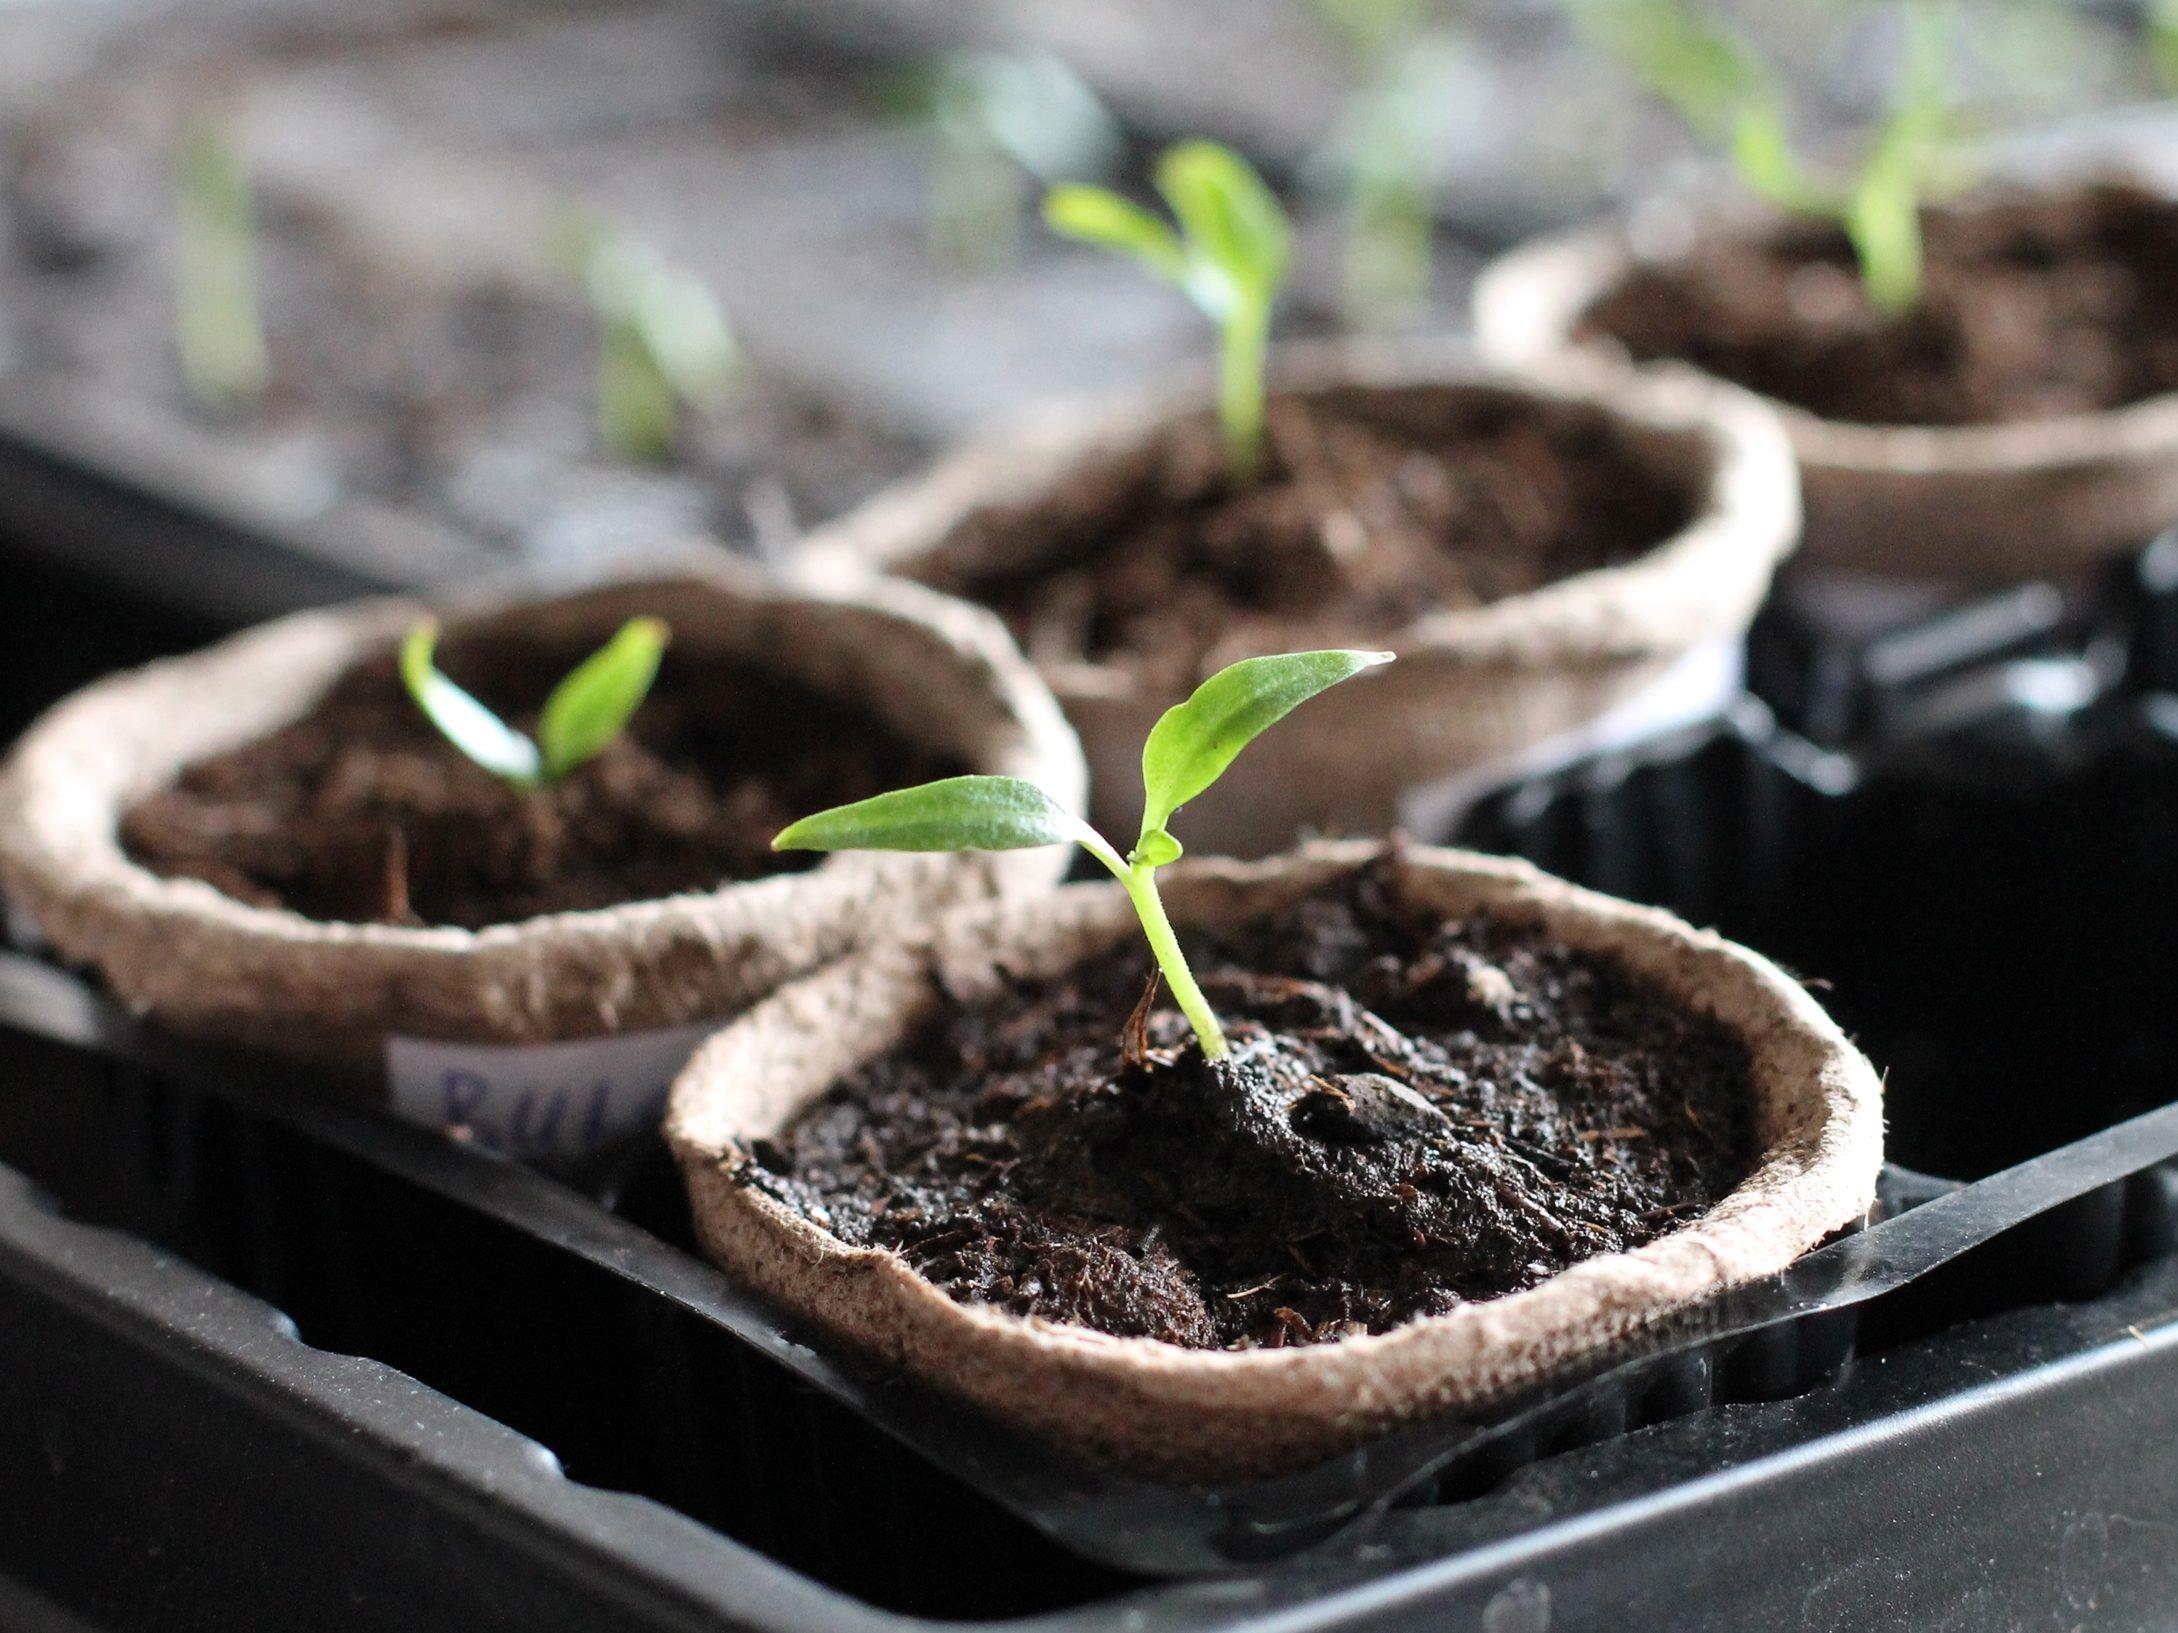 14. Faites l'inventaire de votre jardin